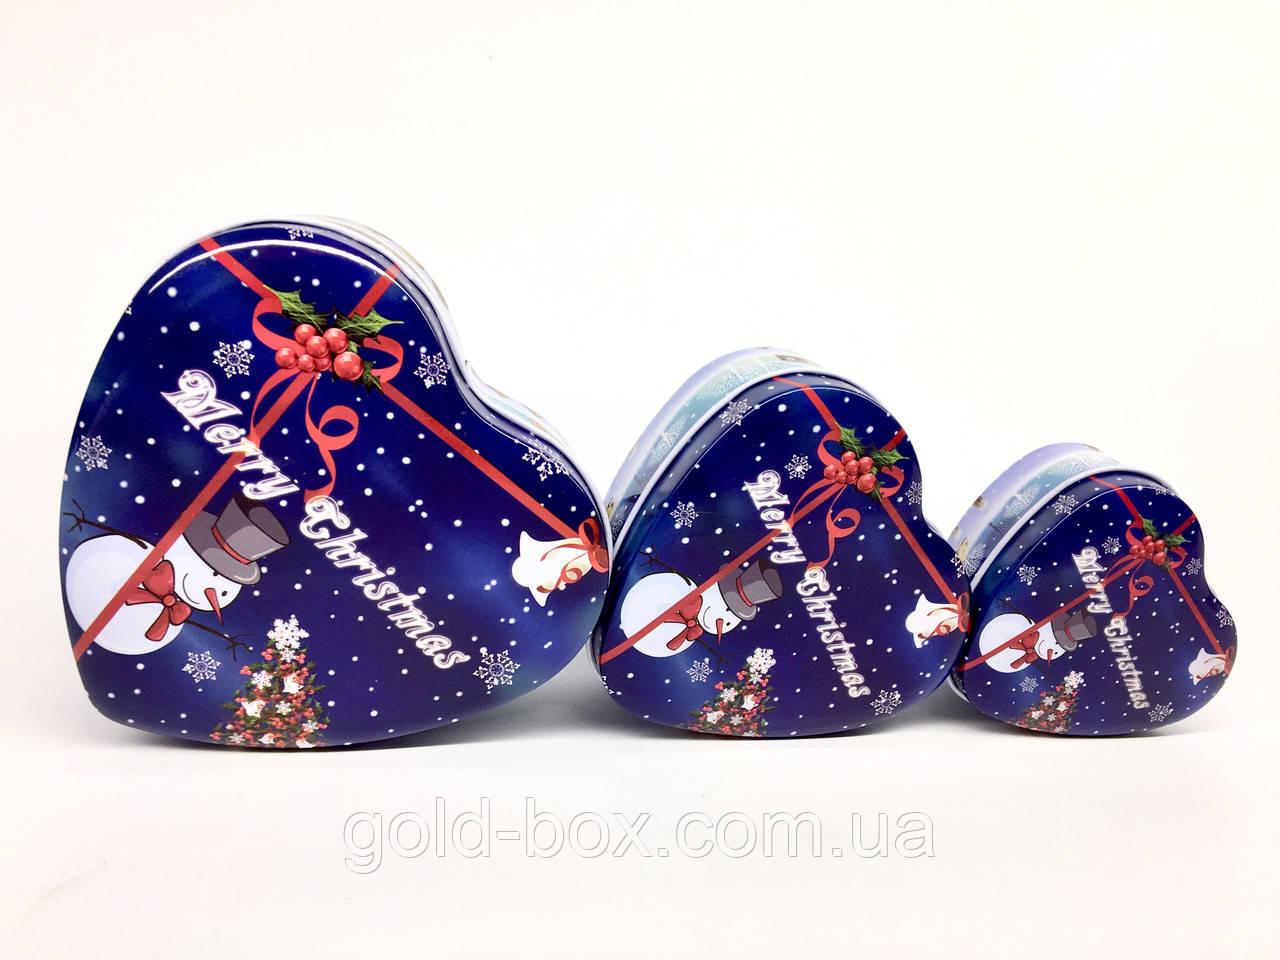 Жестяные коробочки «Merry Christmas » 3 в 1